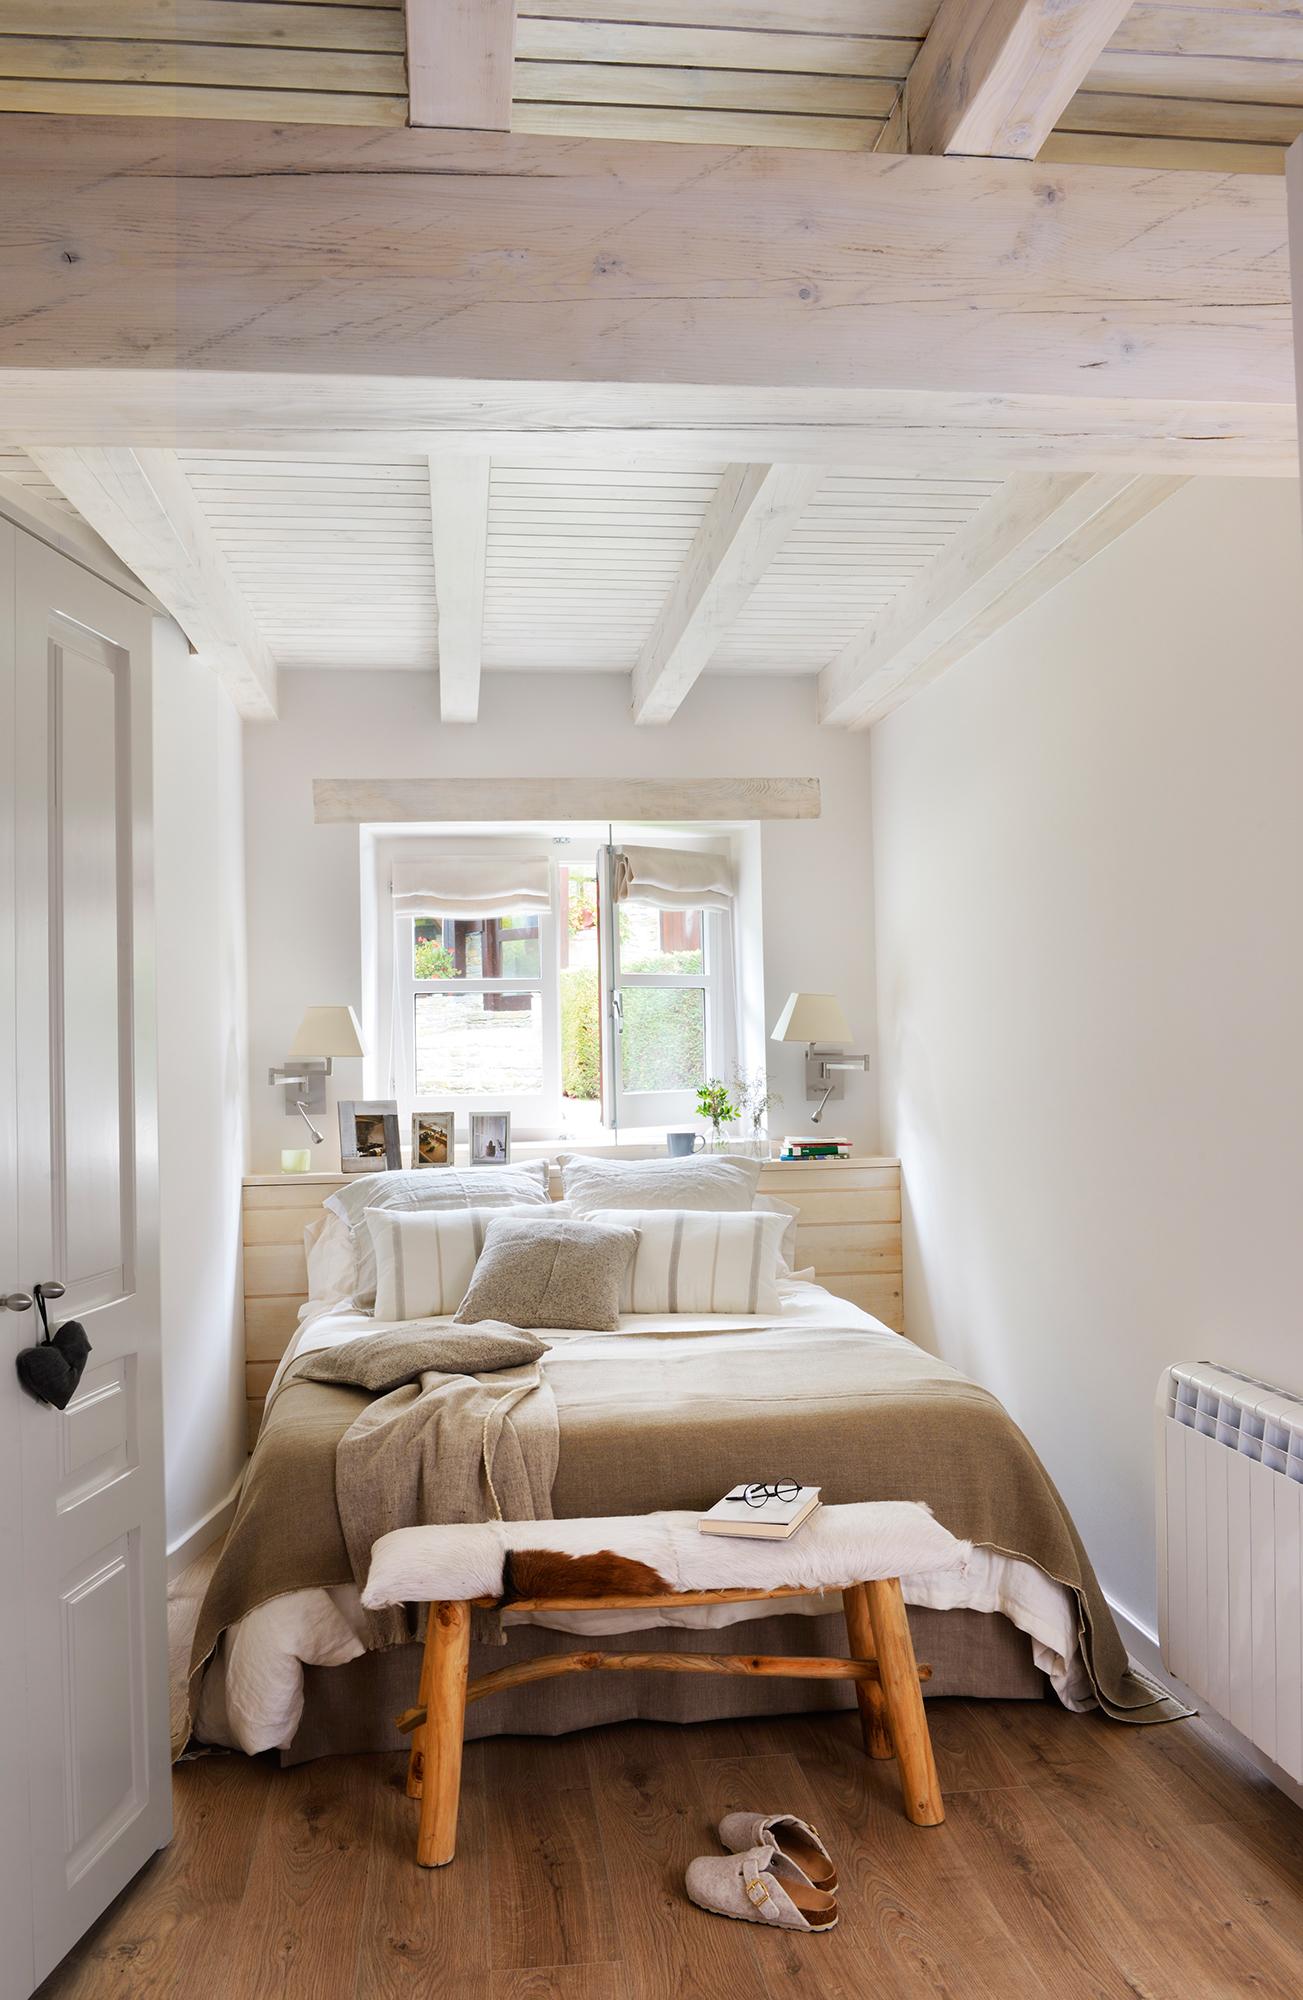 00417824b. Dormitorio rústico y pequeño en blanco_00417824b